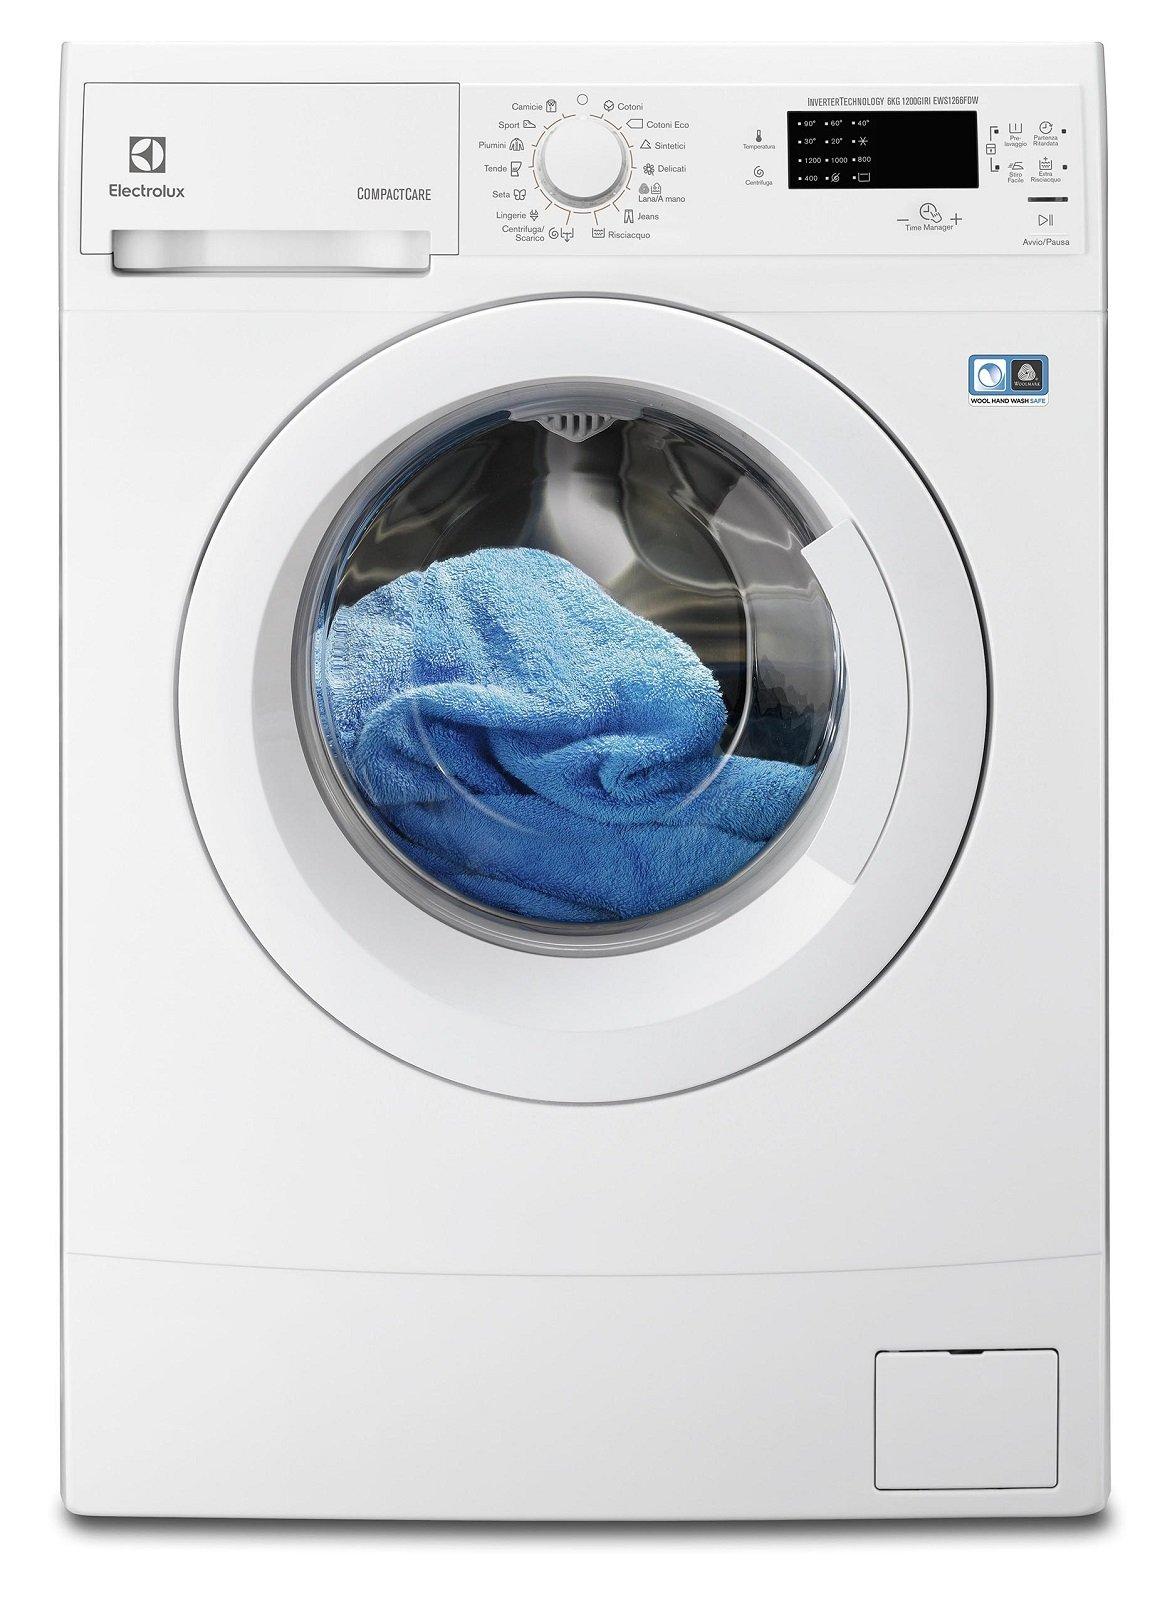 profonde o larghe fino a 45 cm le lavatrici salvaspazio. Black Bedroom Furniture Sets. Home Design Ideas